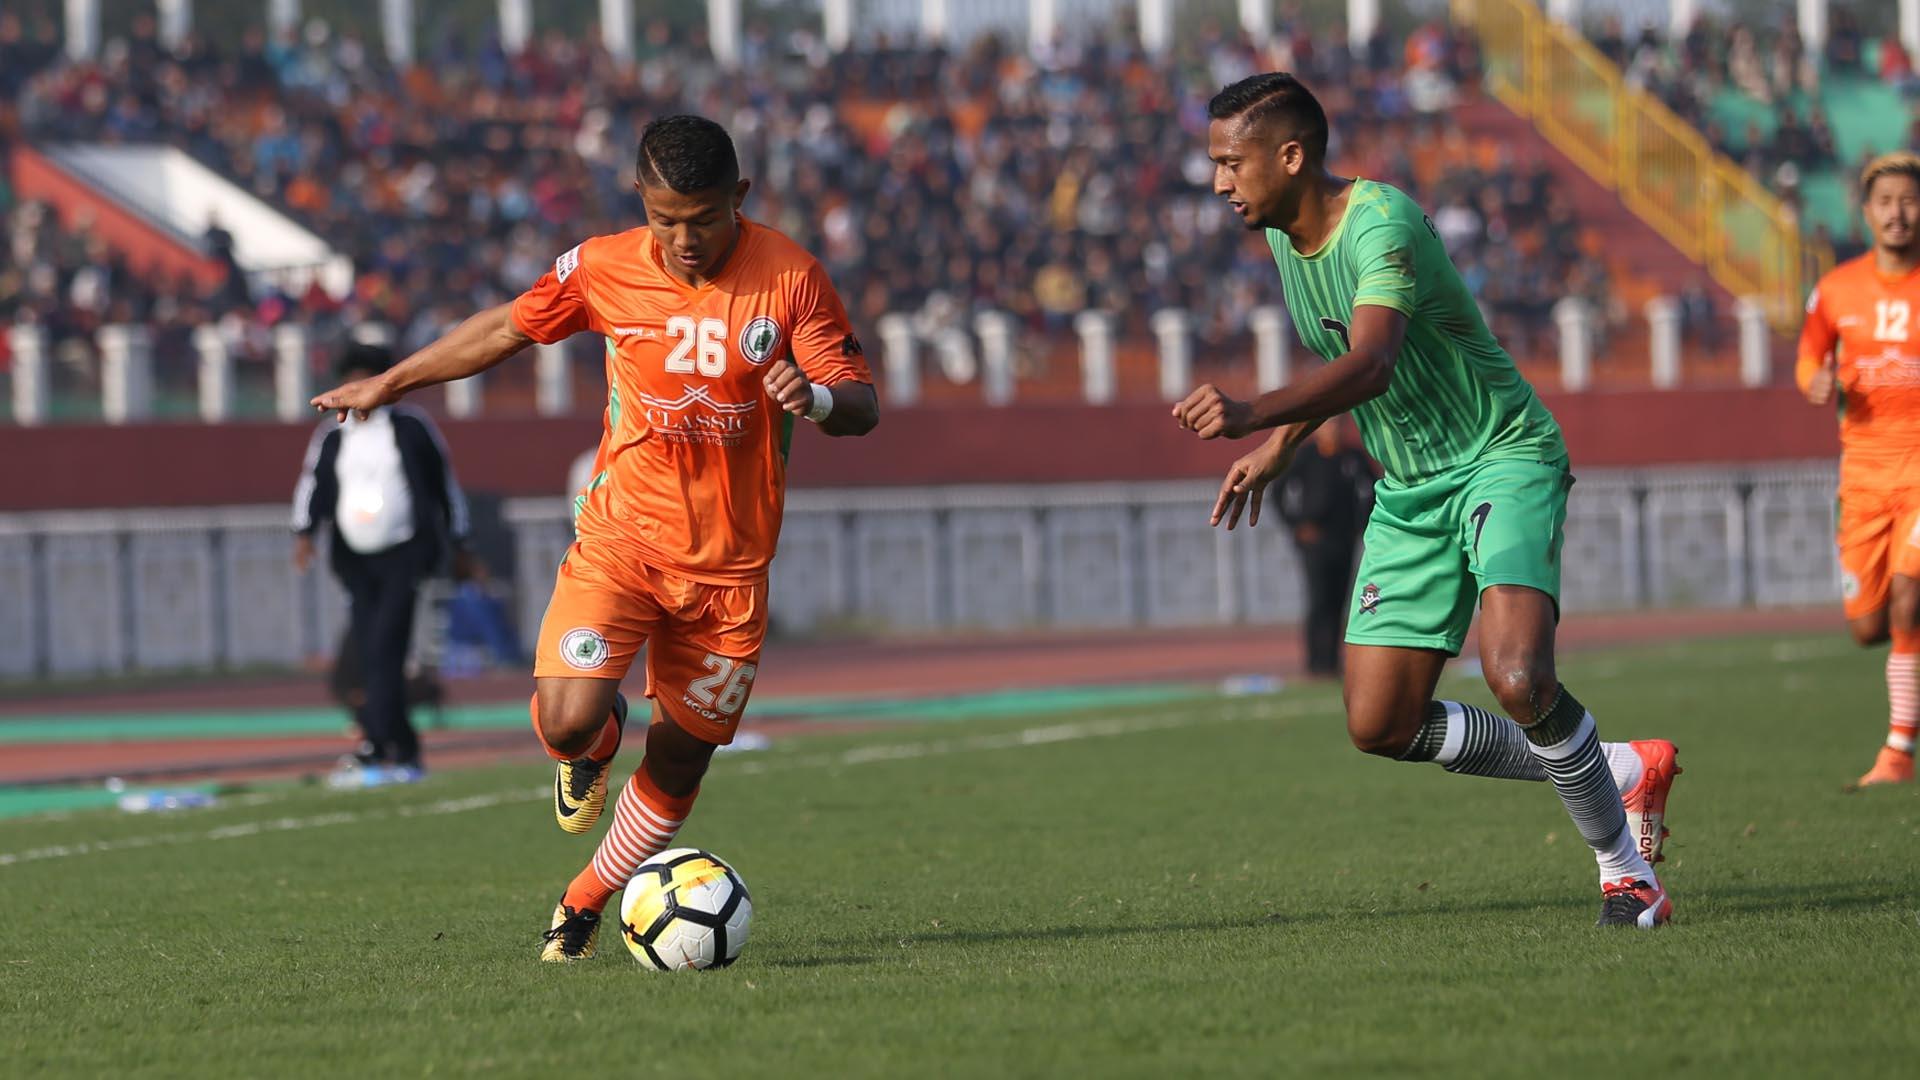 Pritam Singh - NEROCA's versatile forward eyeing ISL chance